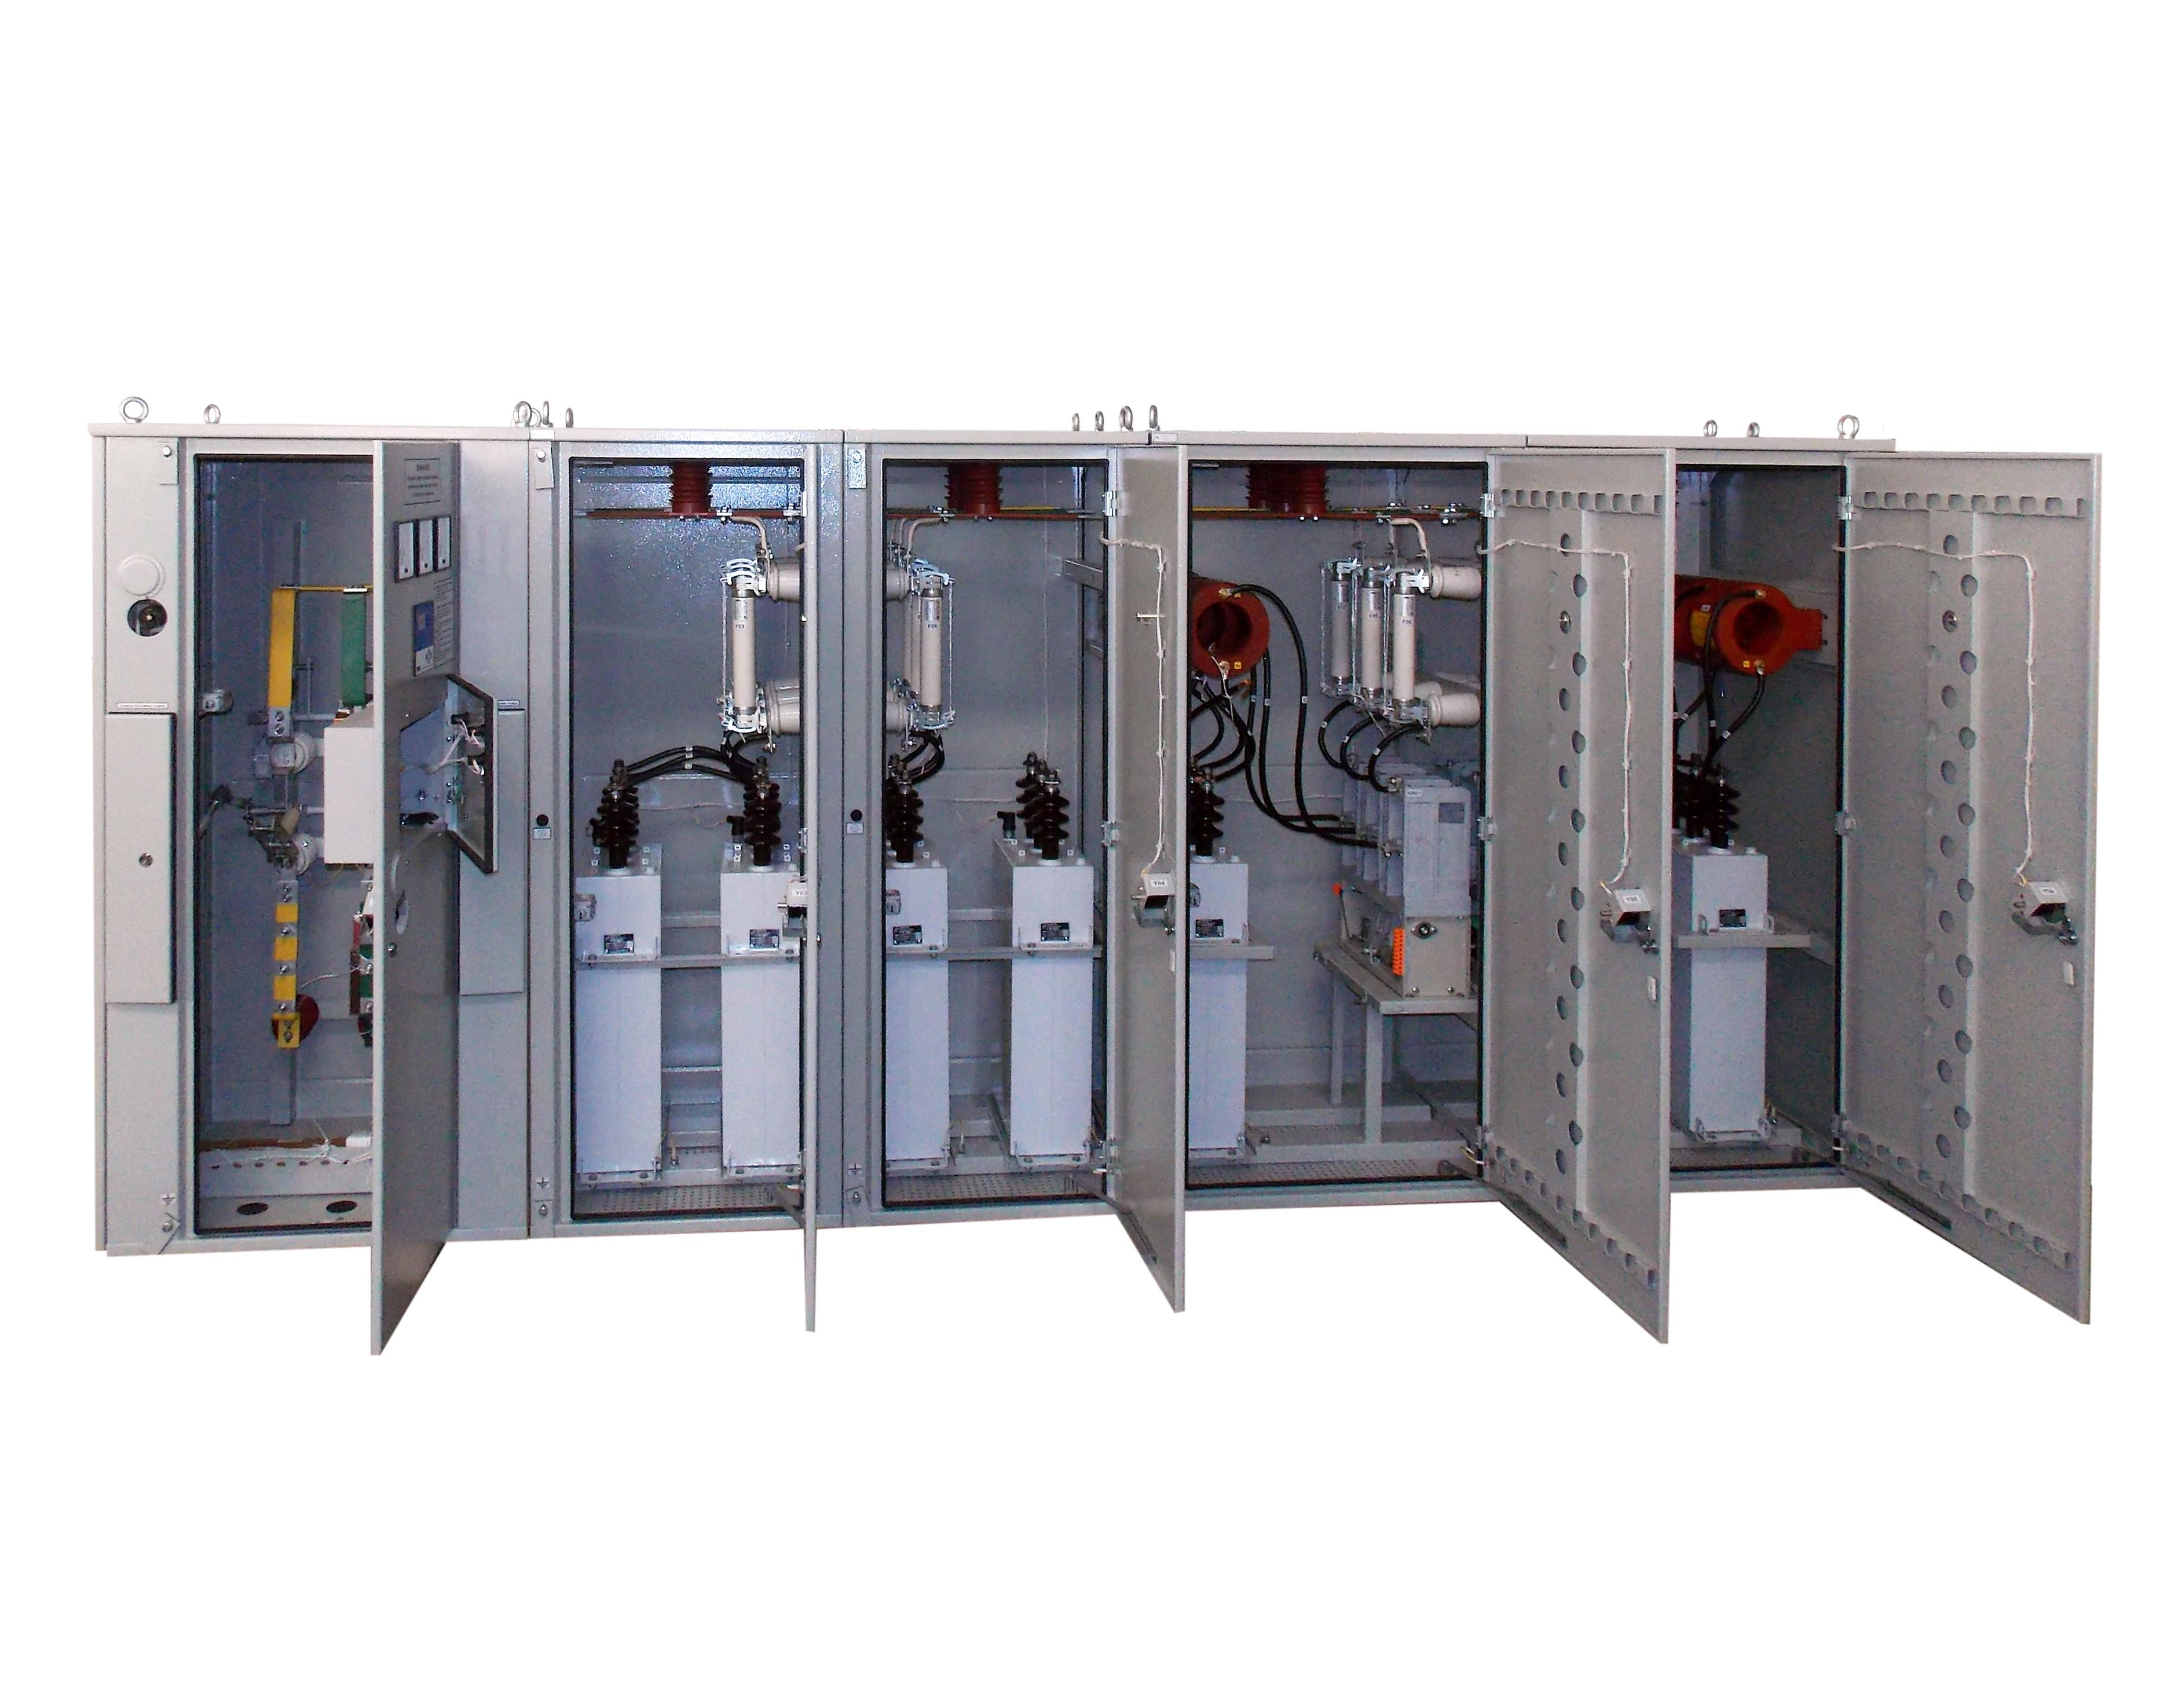 Компенсация реактивной мощности: расчет мощности и выбор ступени регулирования конденсаторной батареи | аврал.блог